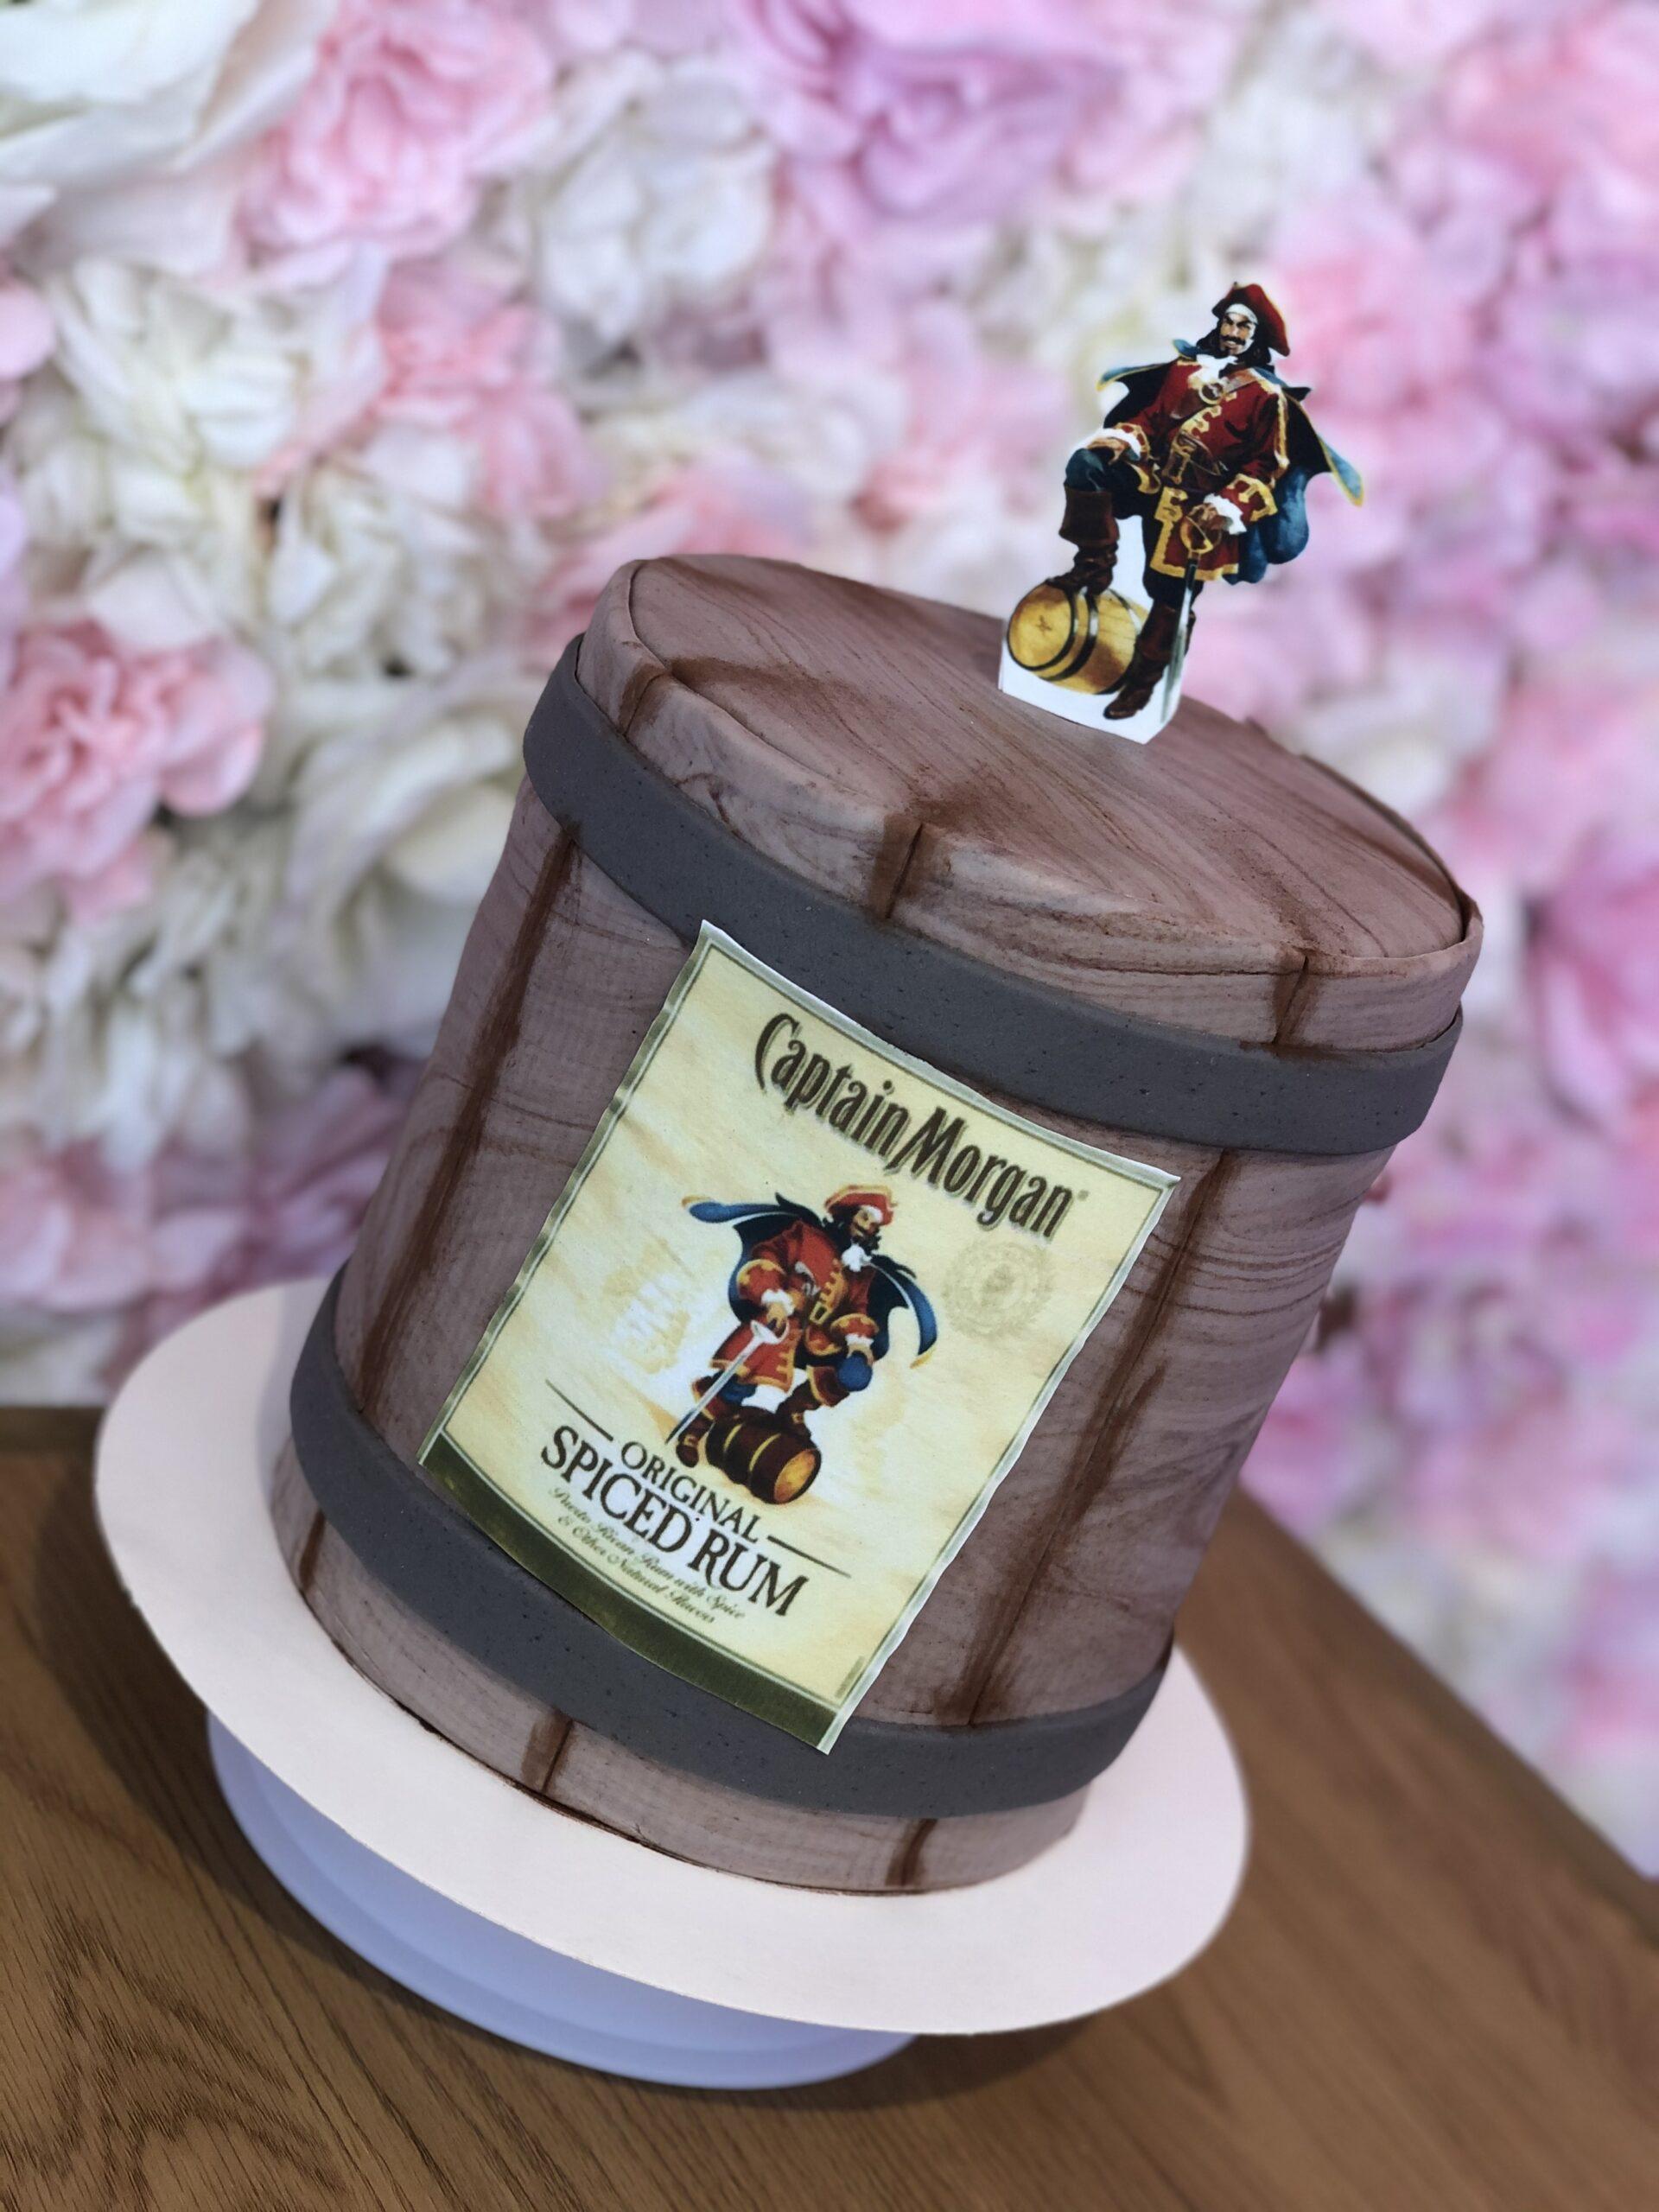 Captain Morgan kage Double barrel cake Logokage